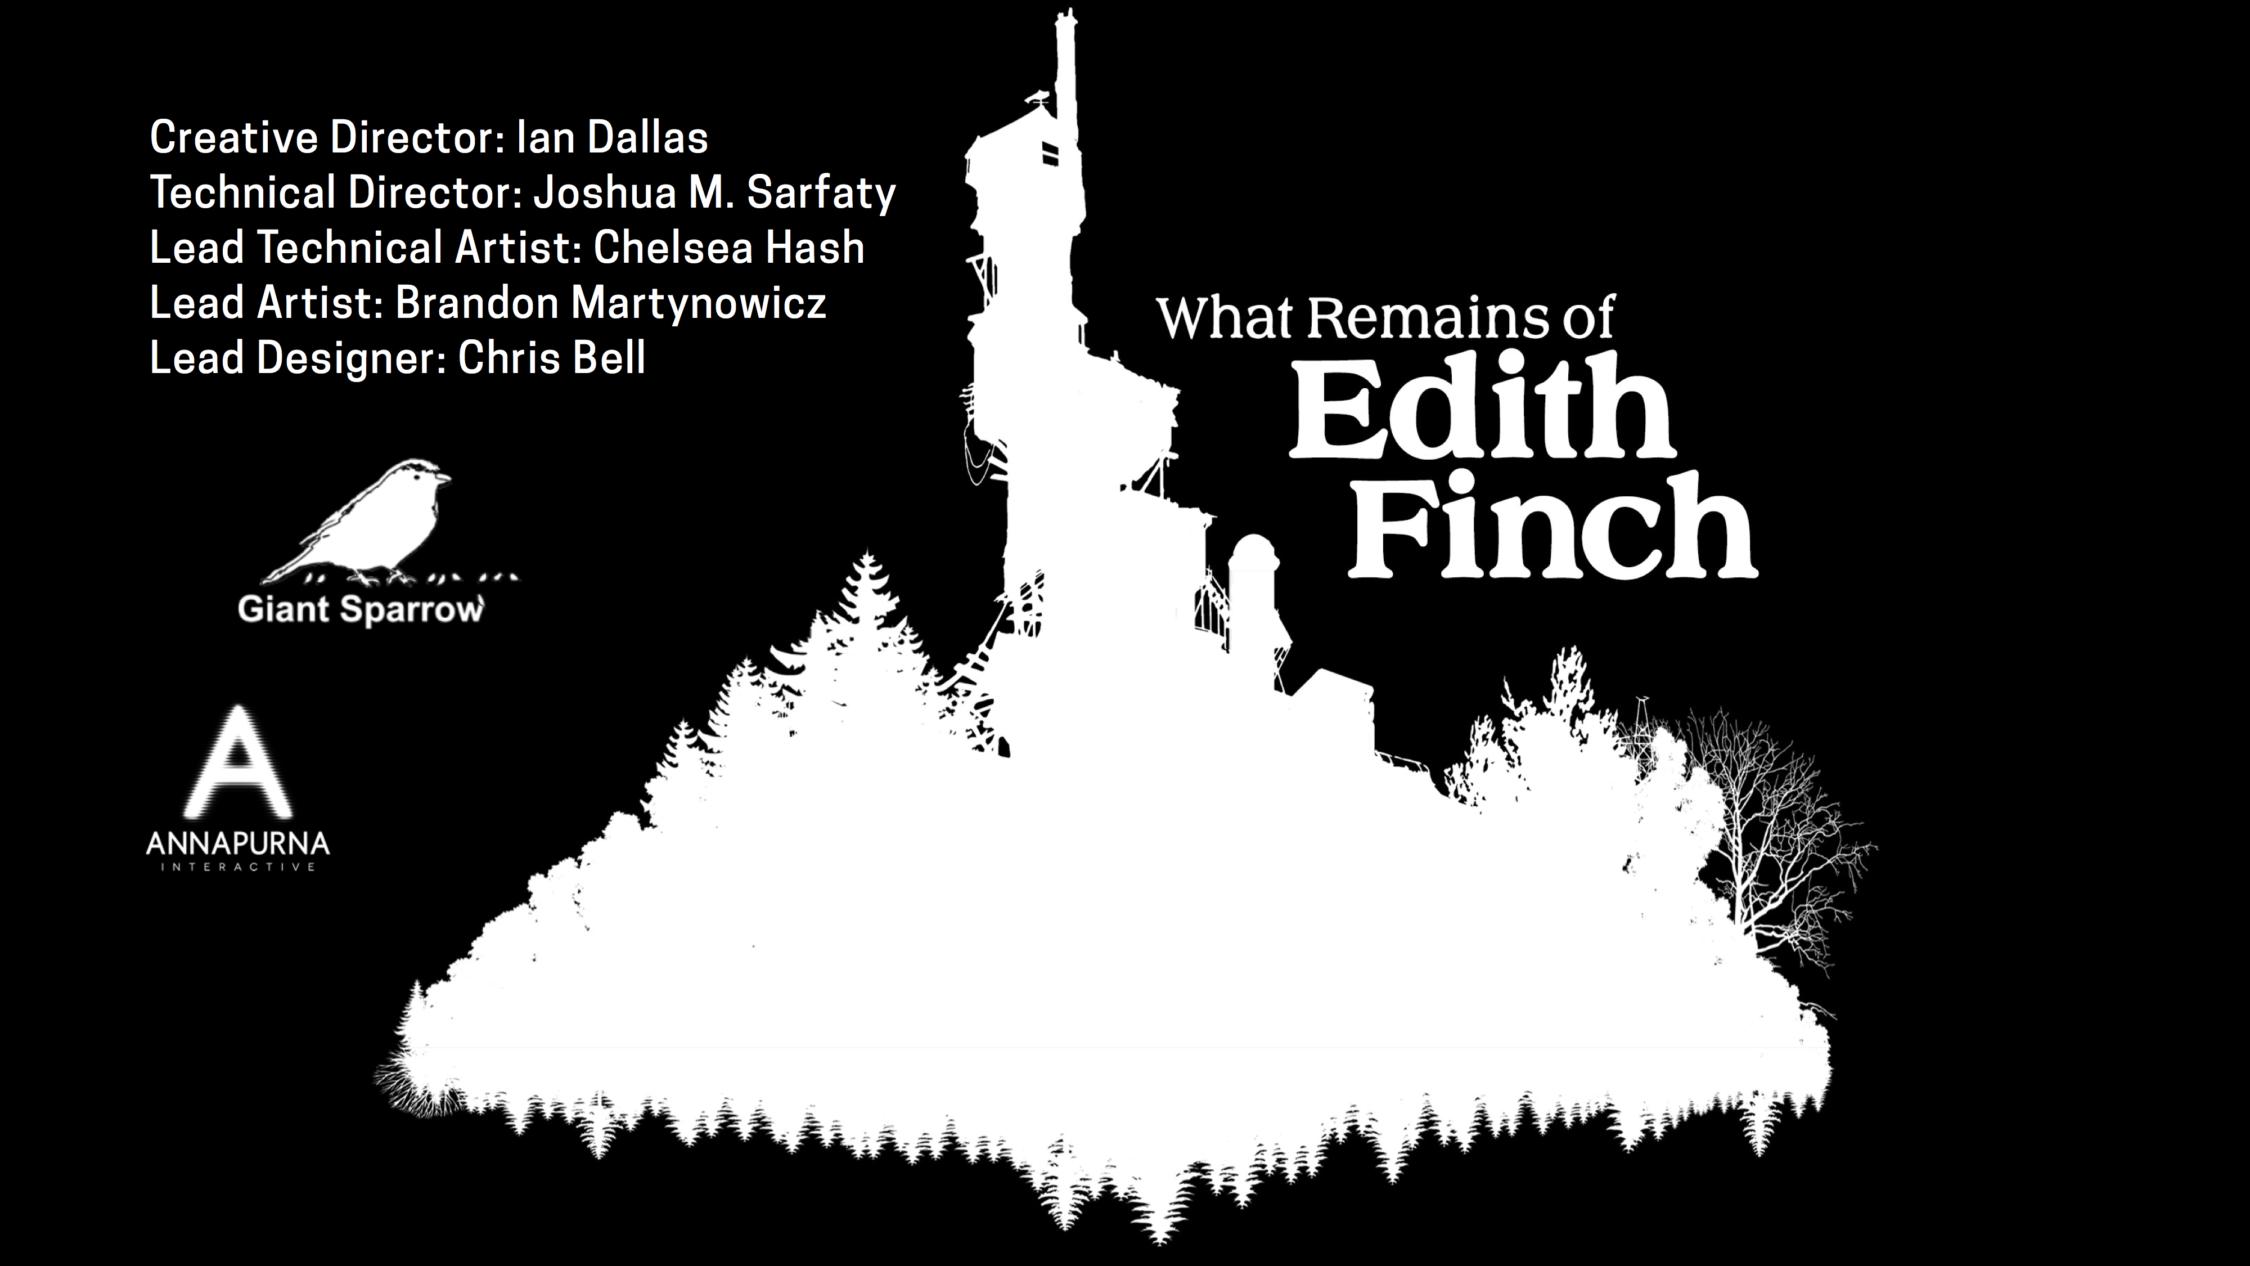 Edith Finch credits